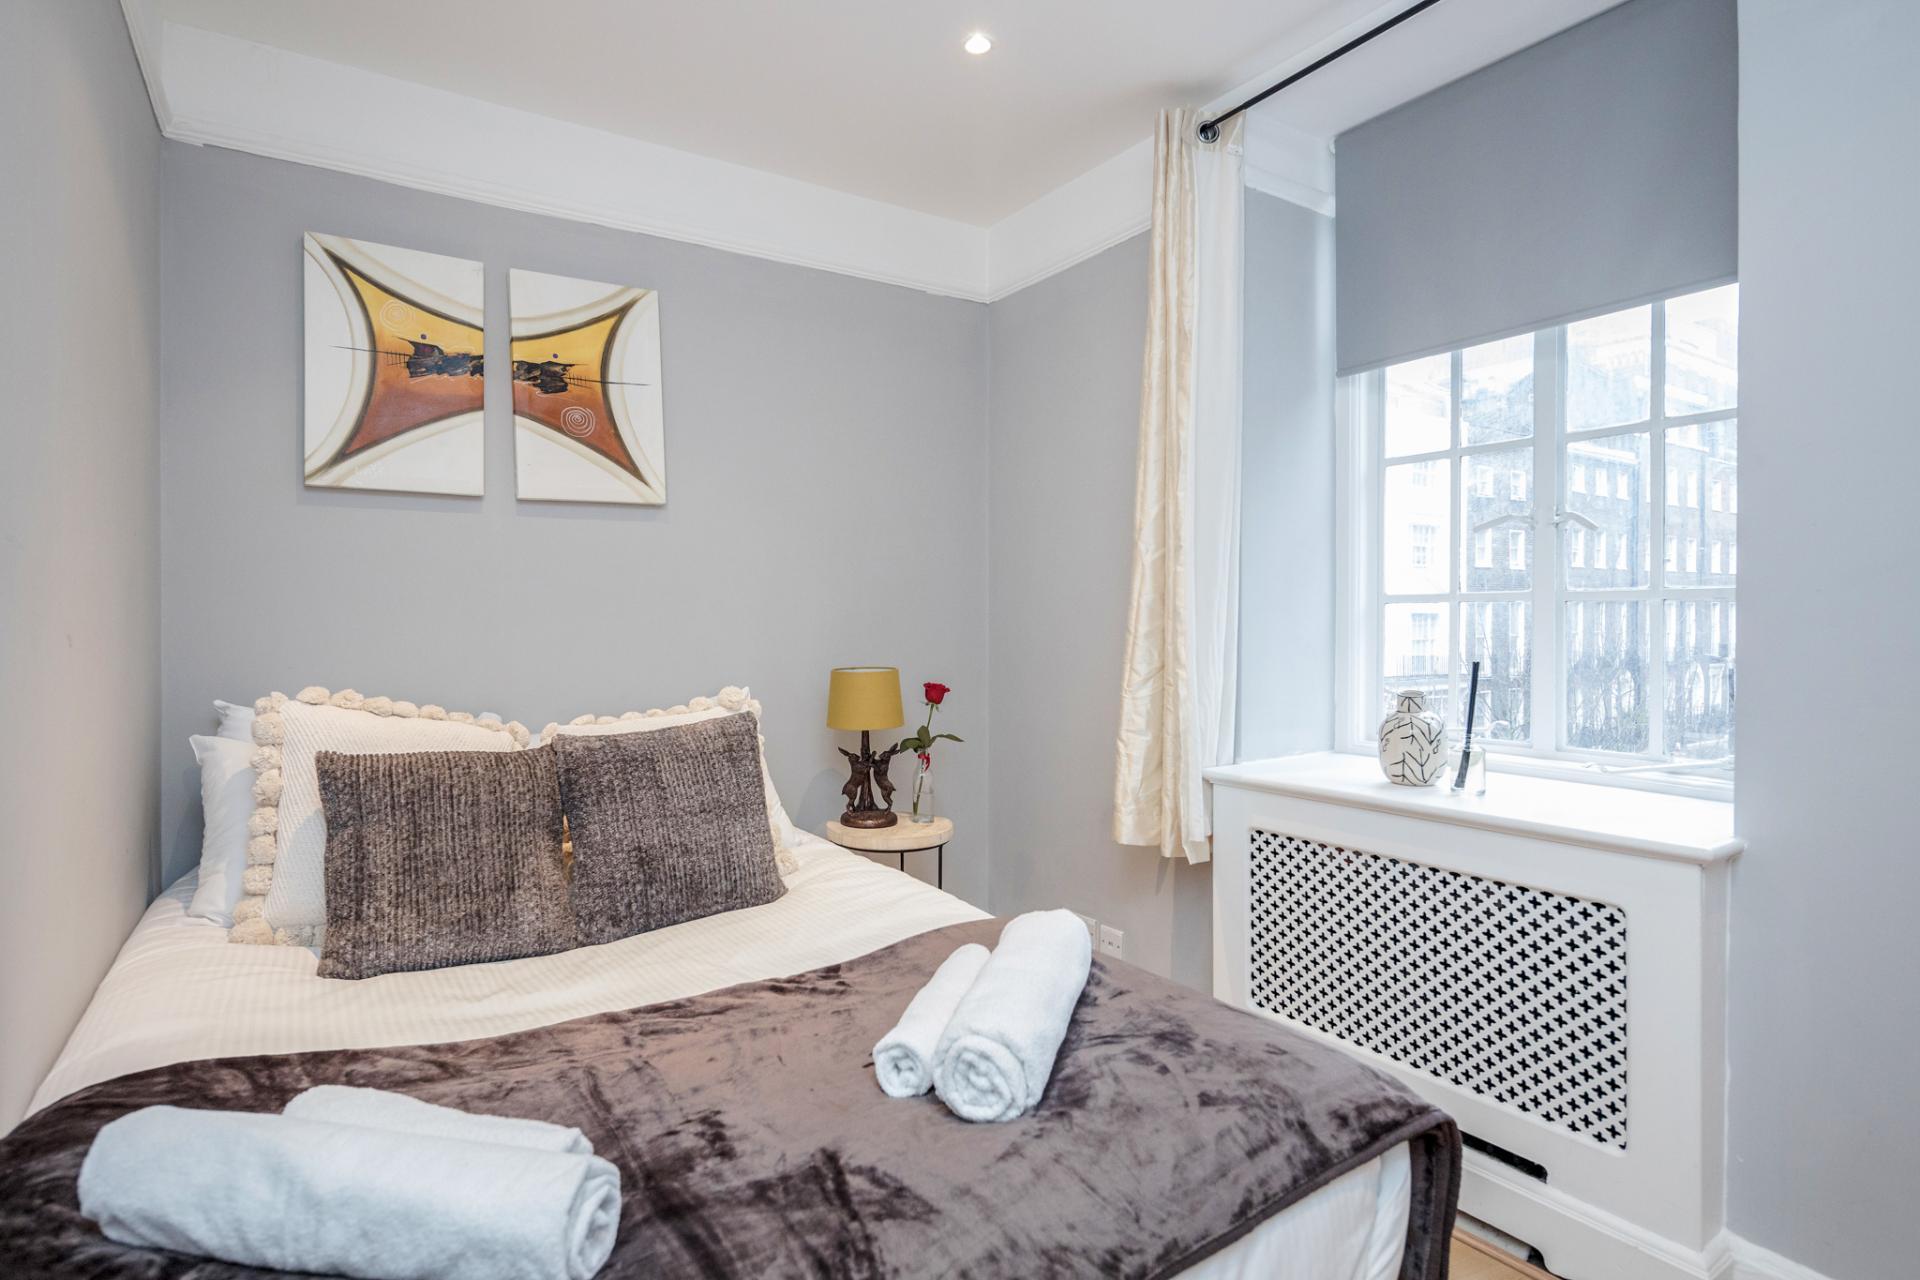 Bed at Marylebone Luxury Apartments, Marylebone, London - Citybase Apartments